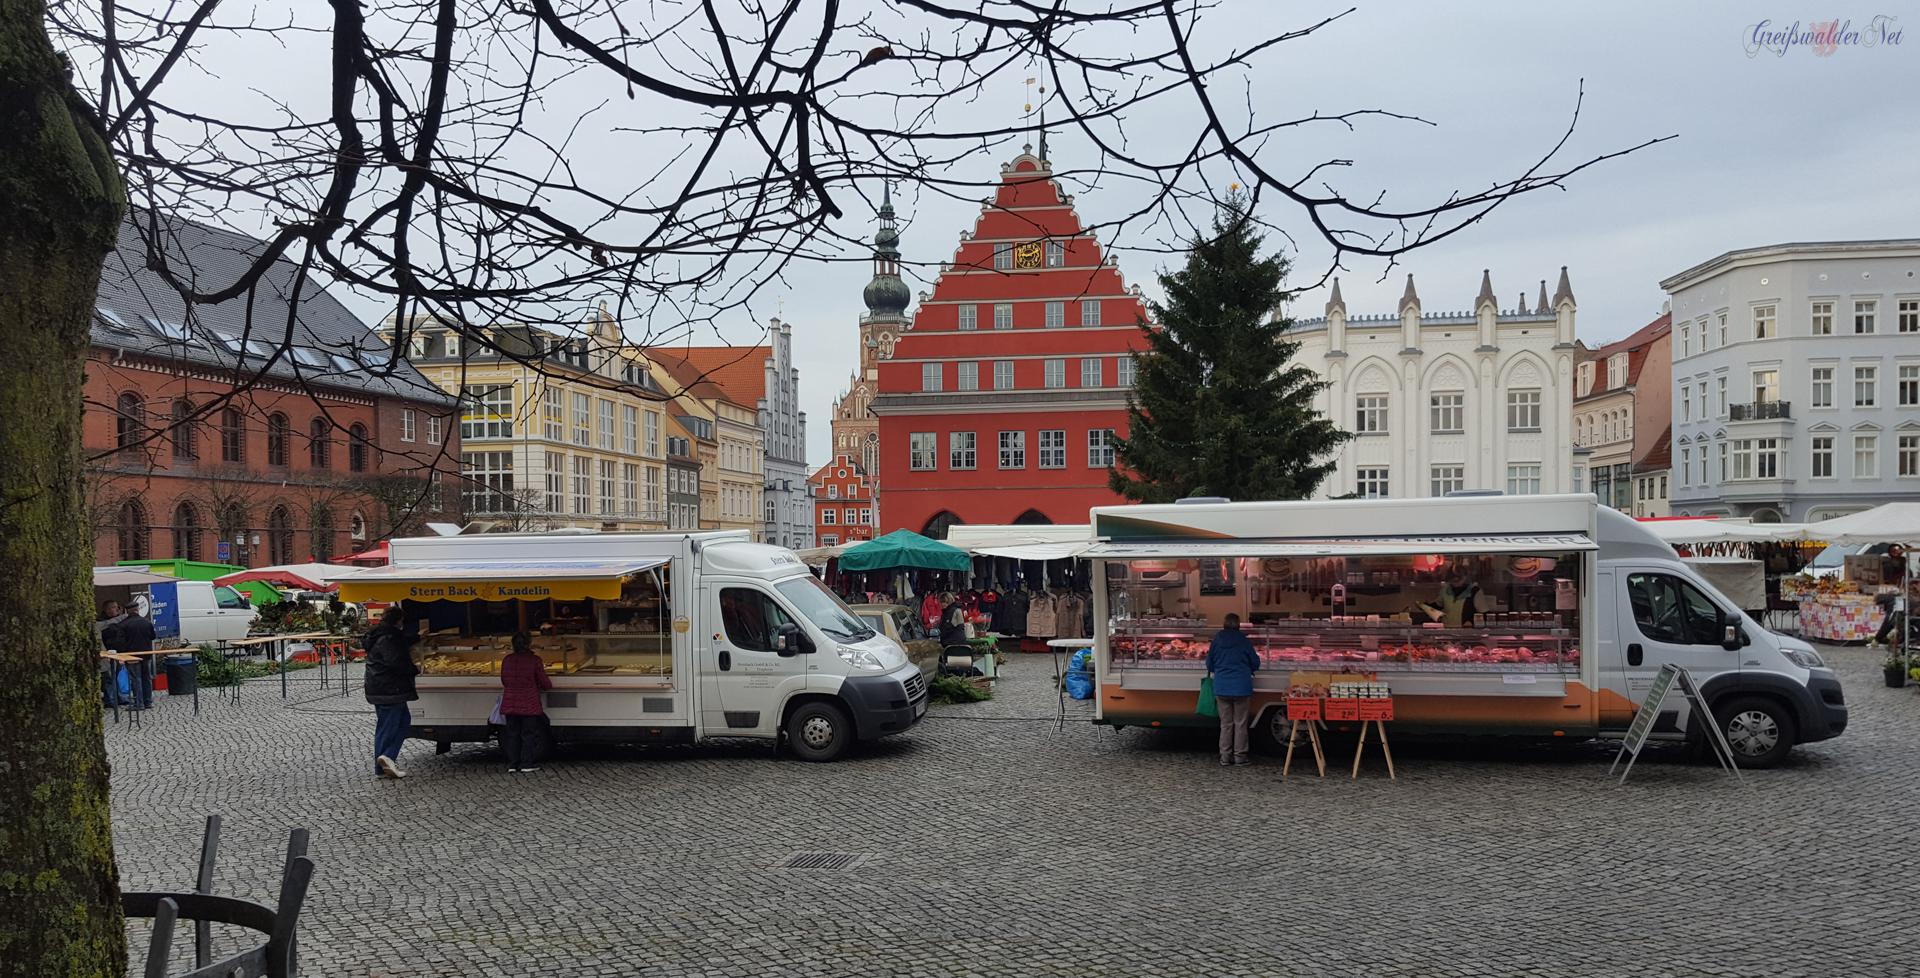 Markttag in Greifswald